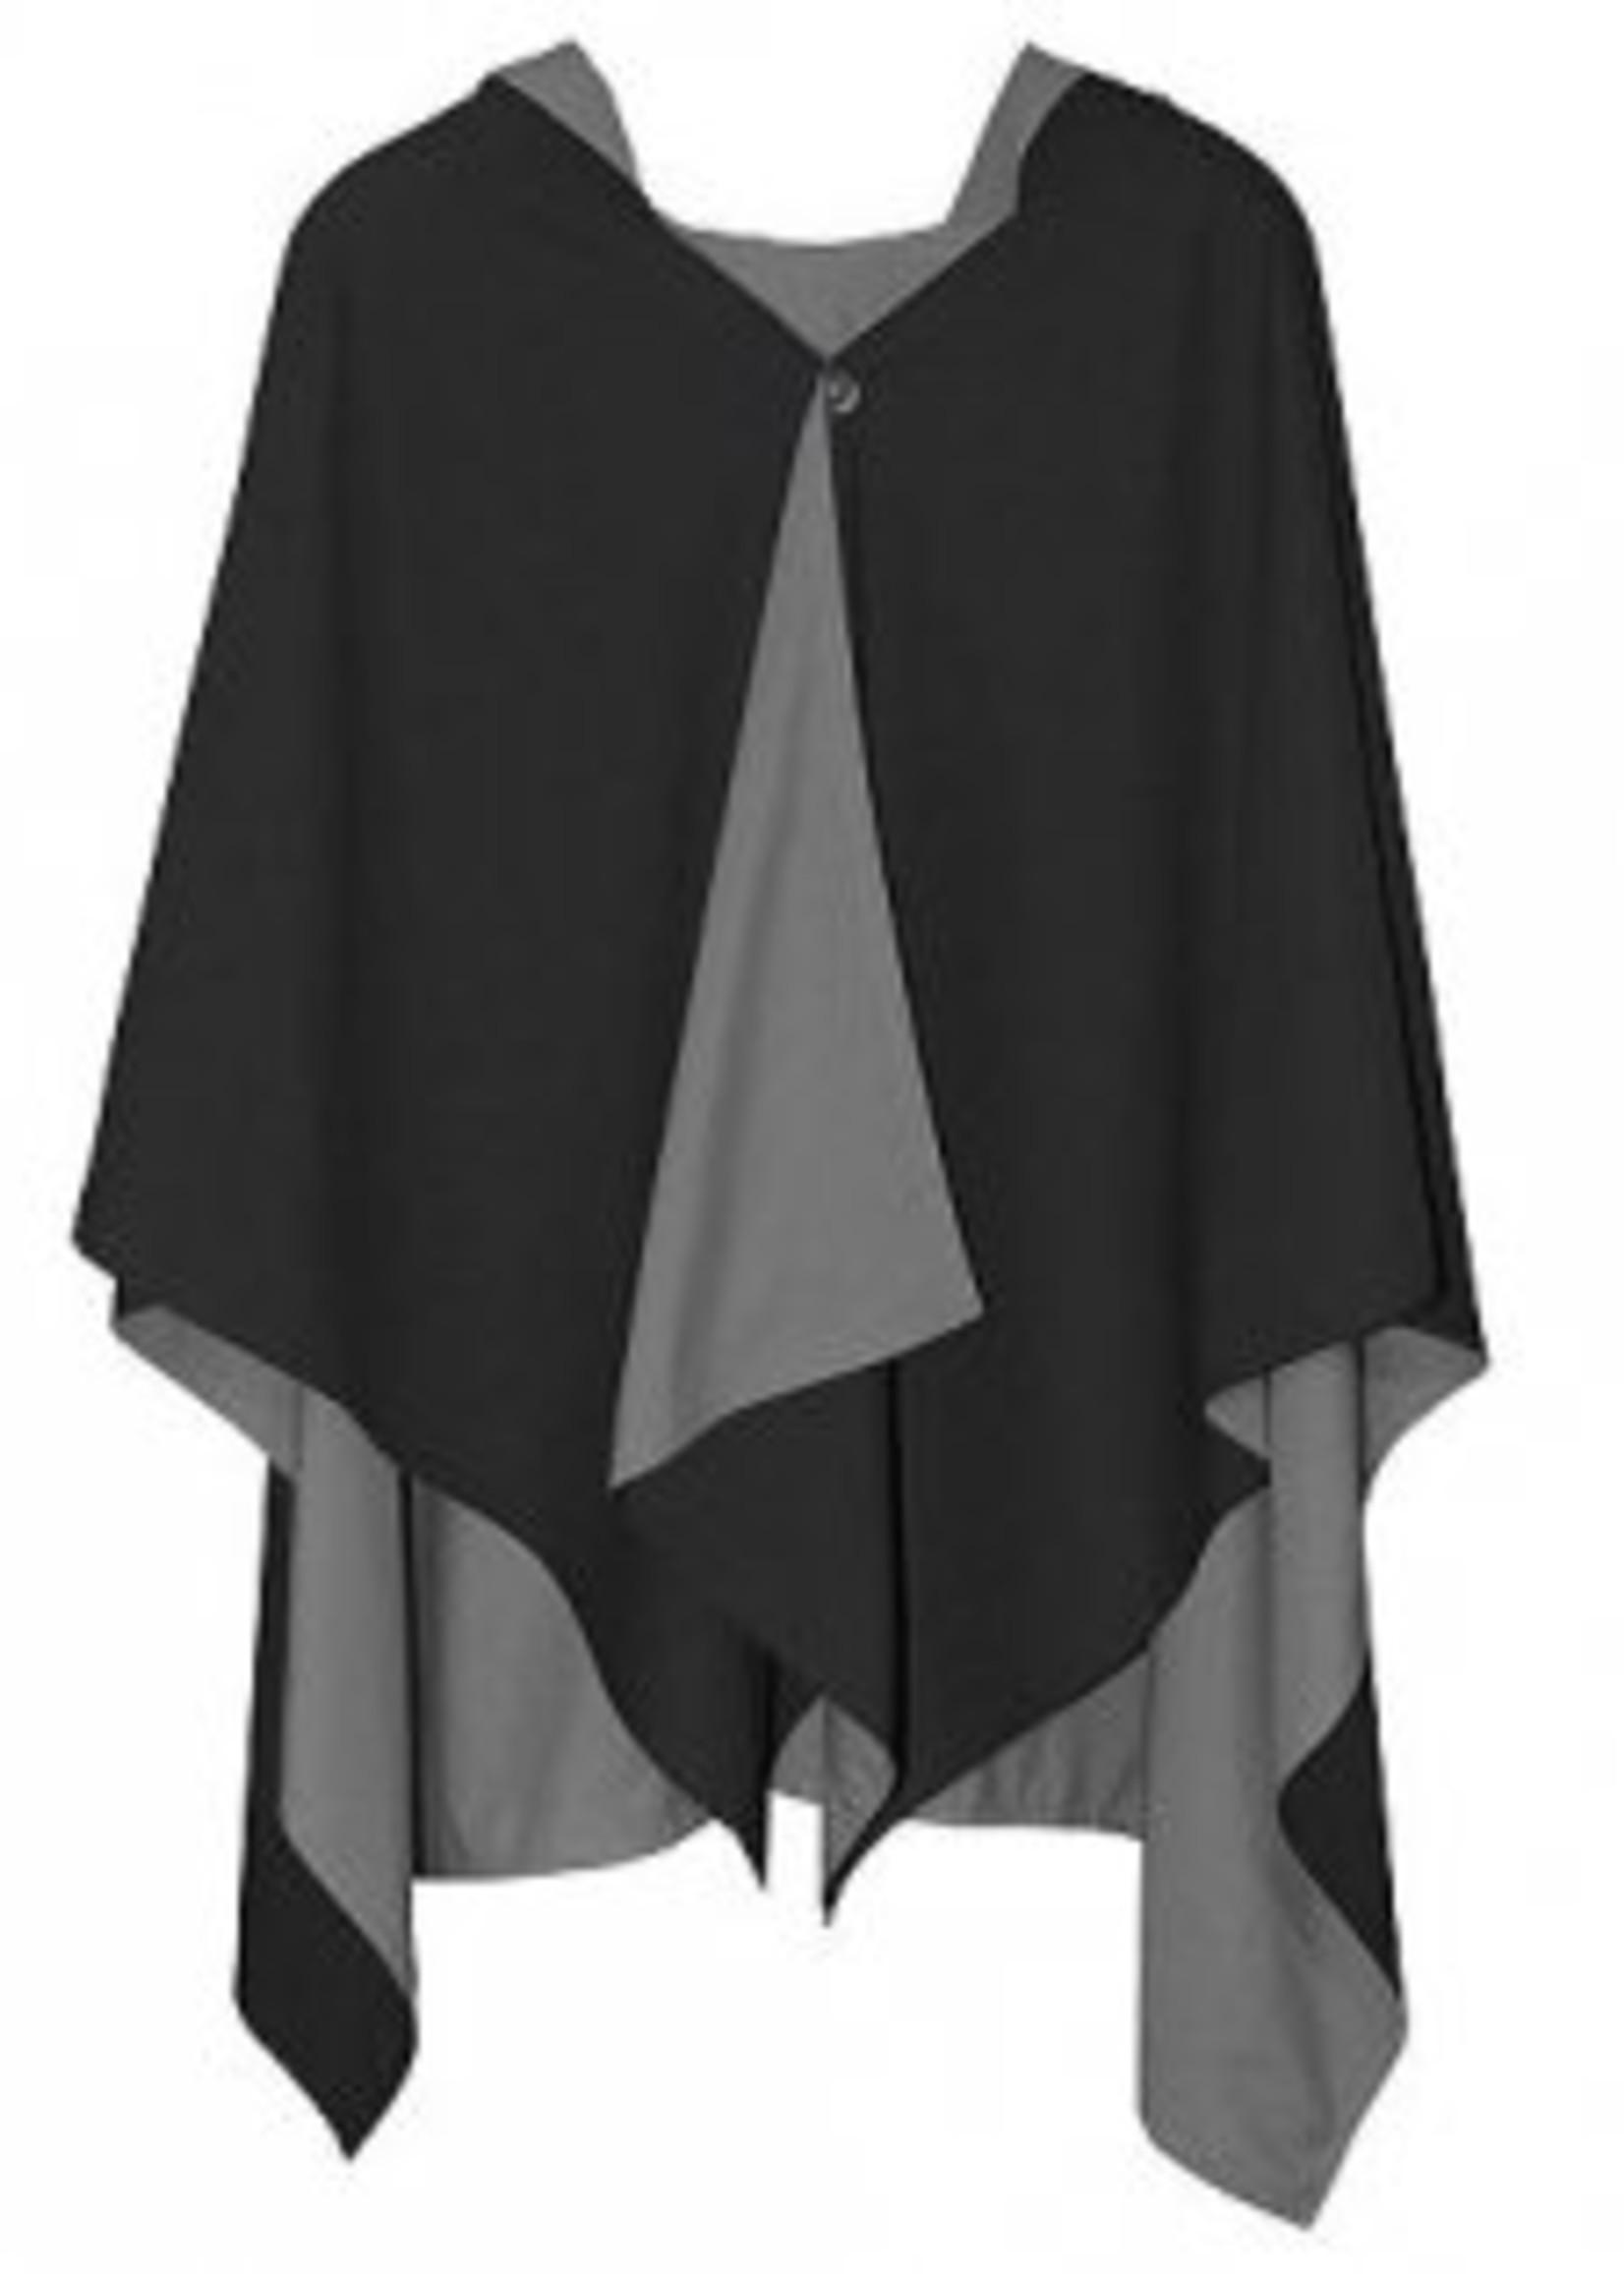 Rainraps Rainrap Black & Gray